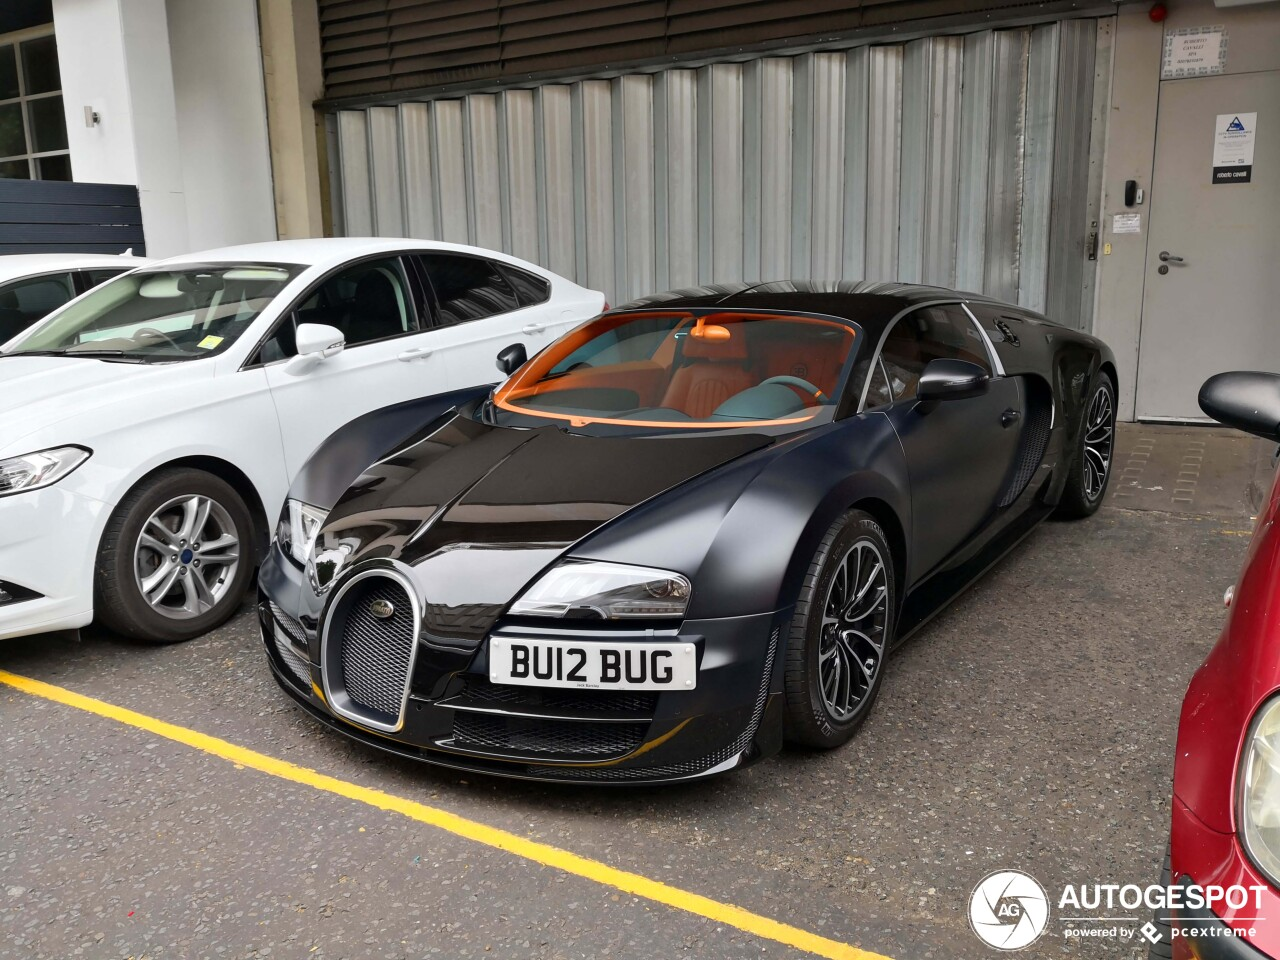 Bugatti Veyron 16.4 Super Sport Sang Noir - 7 July 2019 - Autogespot